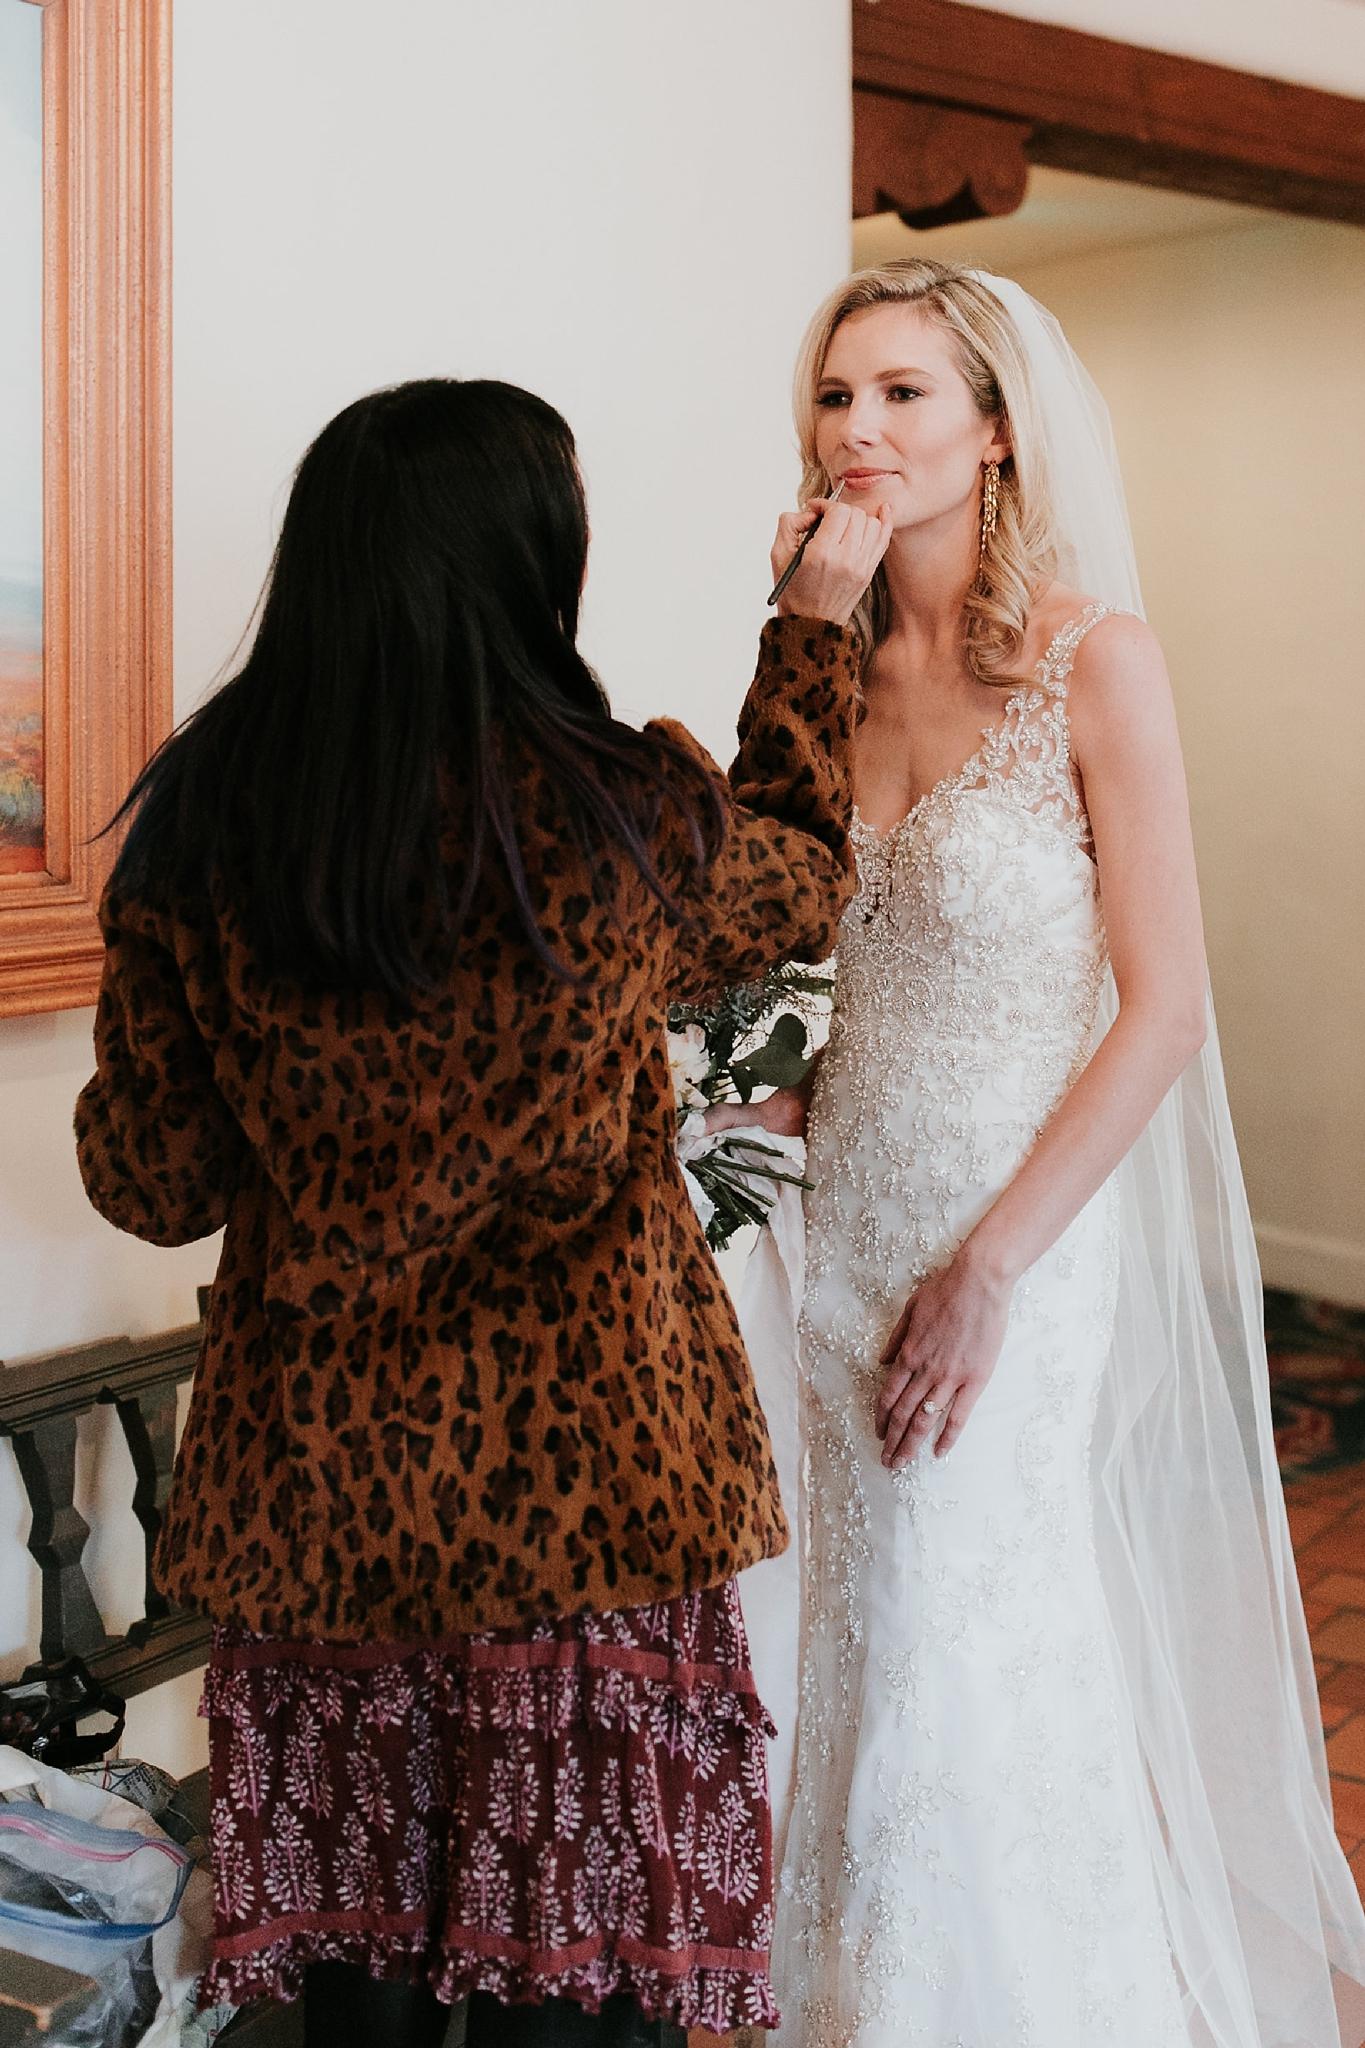 Alicia+lucia+photography+-+albuquerque+wedding+photographer+-+santa+fe+wedding+photography+-+new+mexico+wedding+photographer+-+new+mexico+wedding+-+new+mexico+wedding+-+new+mexico+mua+hairstylist+-+genica+lee+hair+makeup_0009.jpg